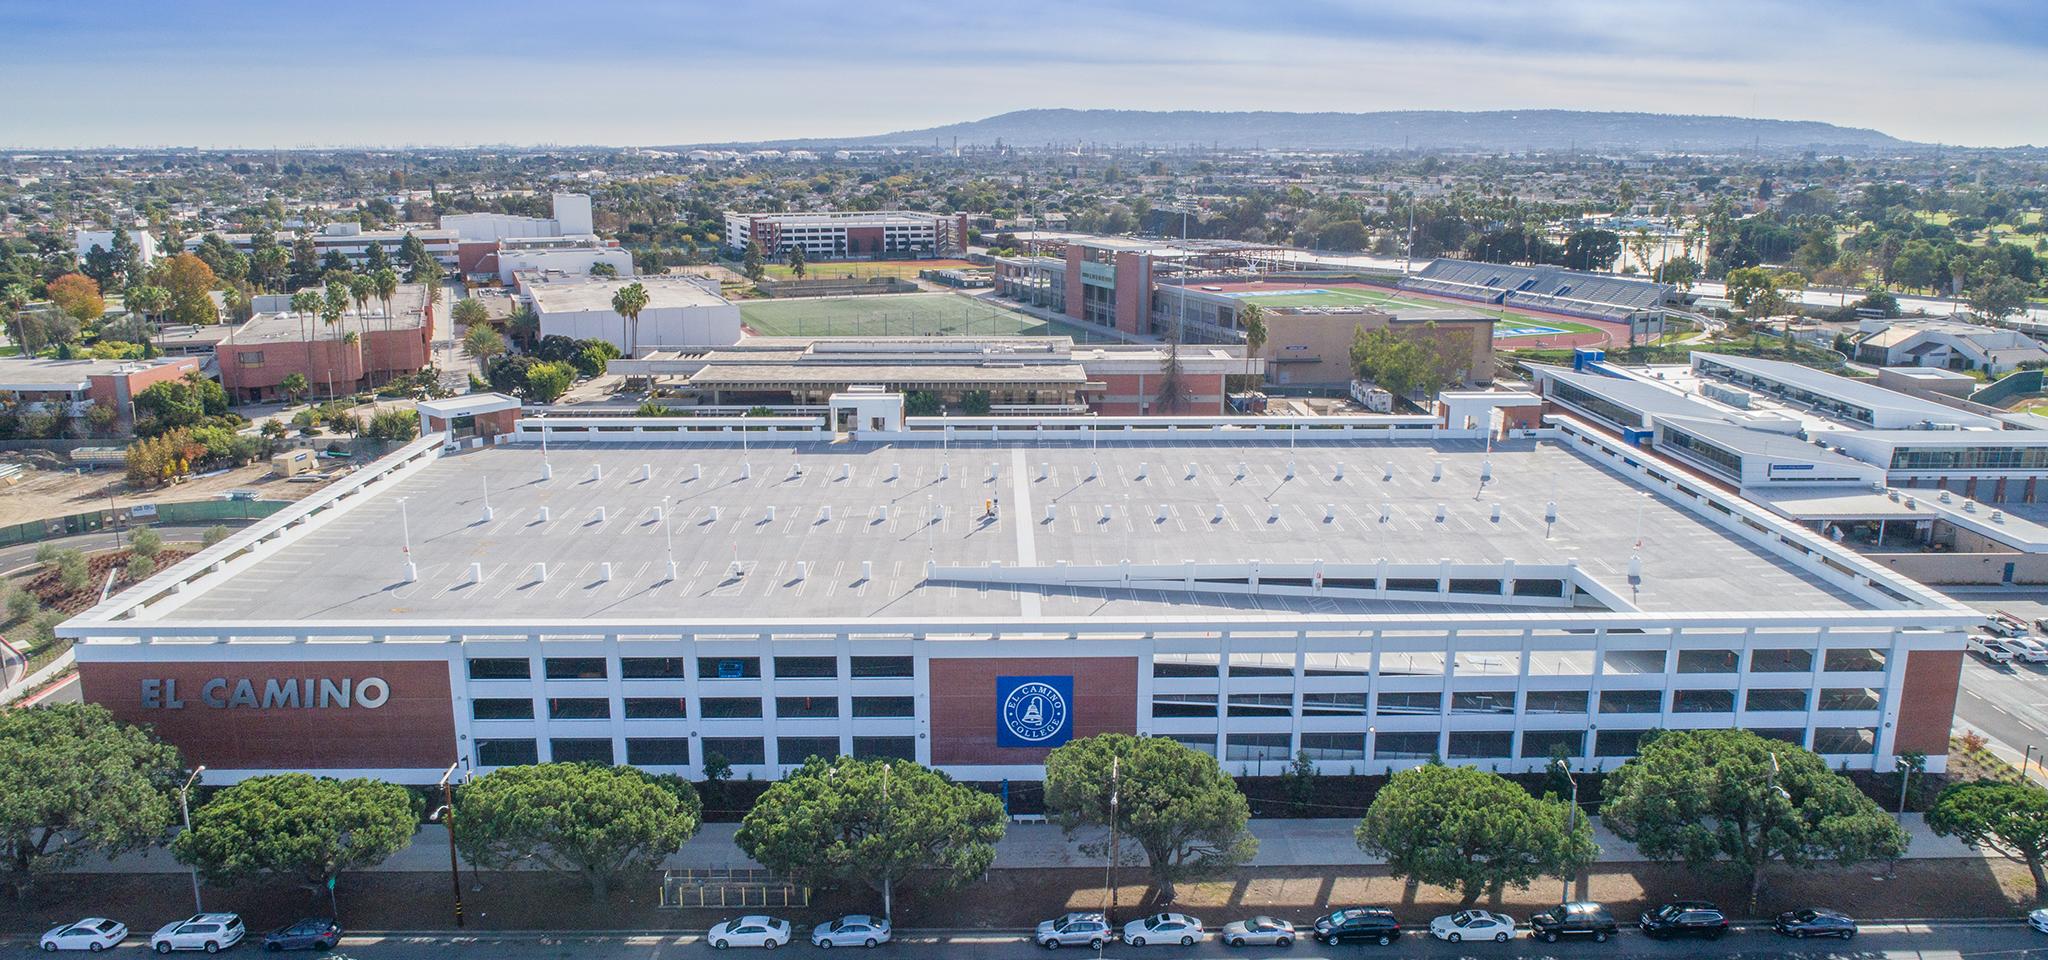 El Camino College >> El Camino College Lot C Parking Structure Ipd Ipd